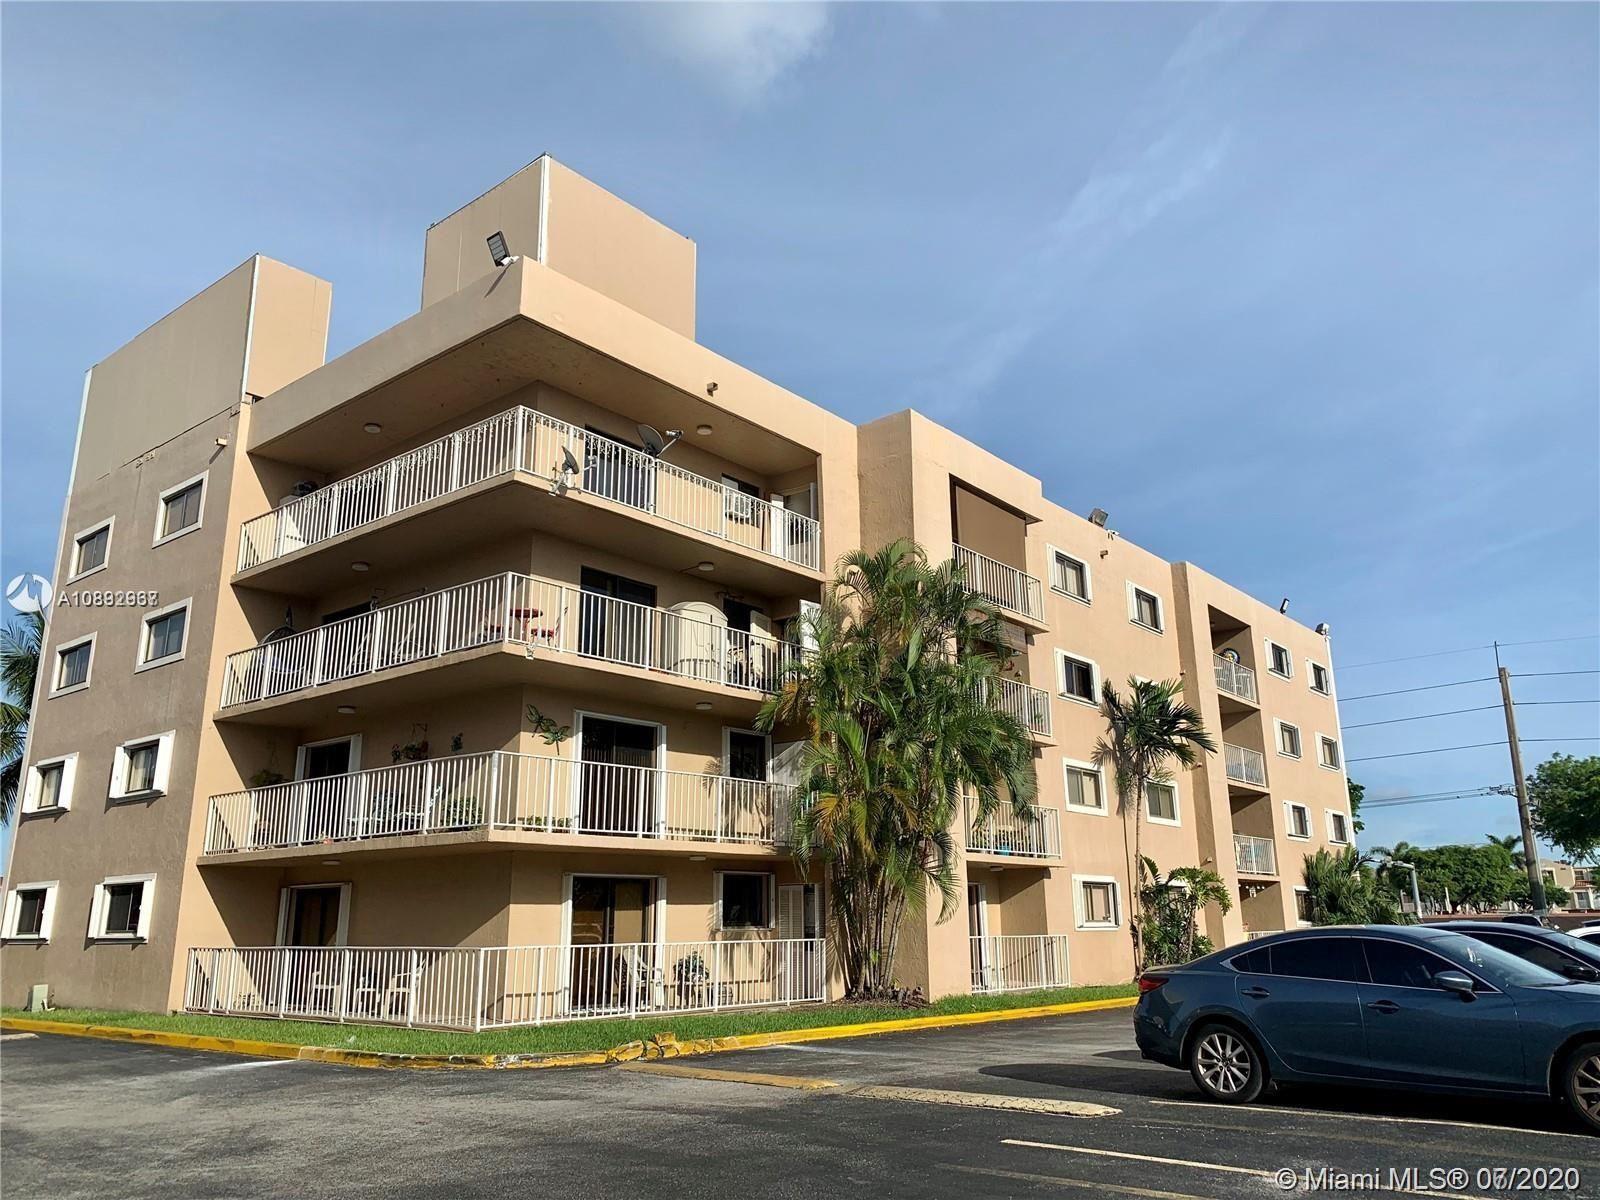 8517 NW 7th St #205, Miami, FL 33126 - #: A10892937